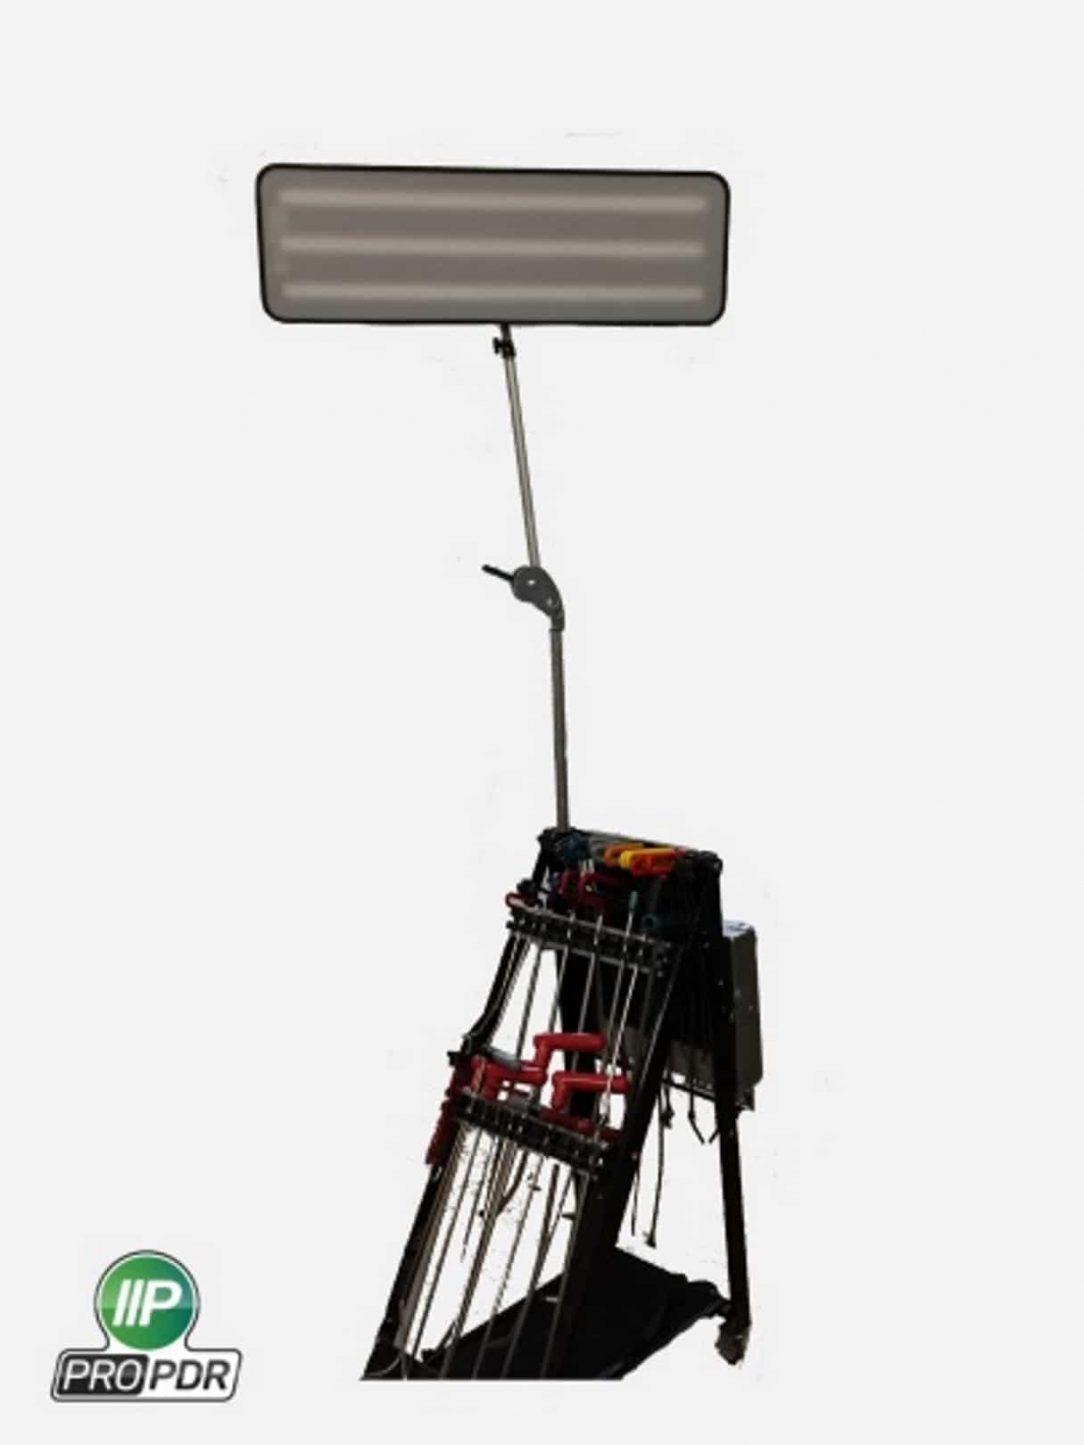 LIGHT HOOKUP FOR A-FRAME TOOLCART - ProPDR